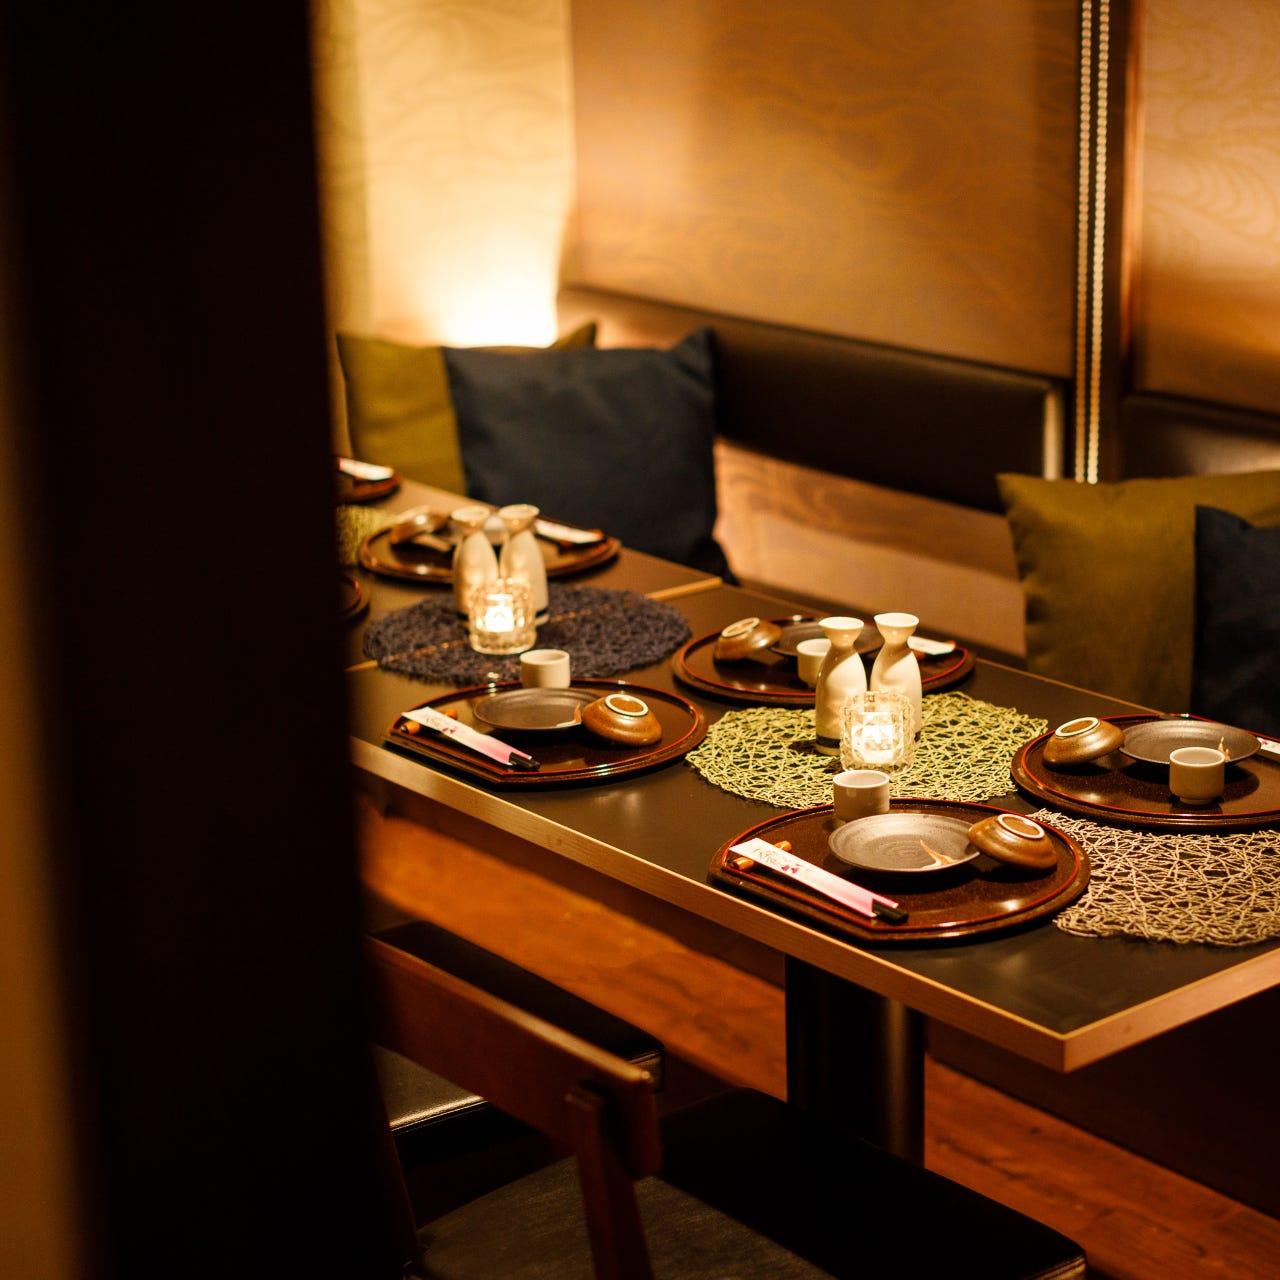 テーブル席・完全個室(壁・扉あり)・2名様~40名様